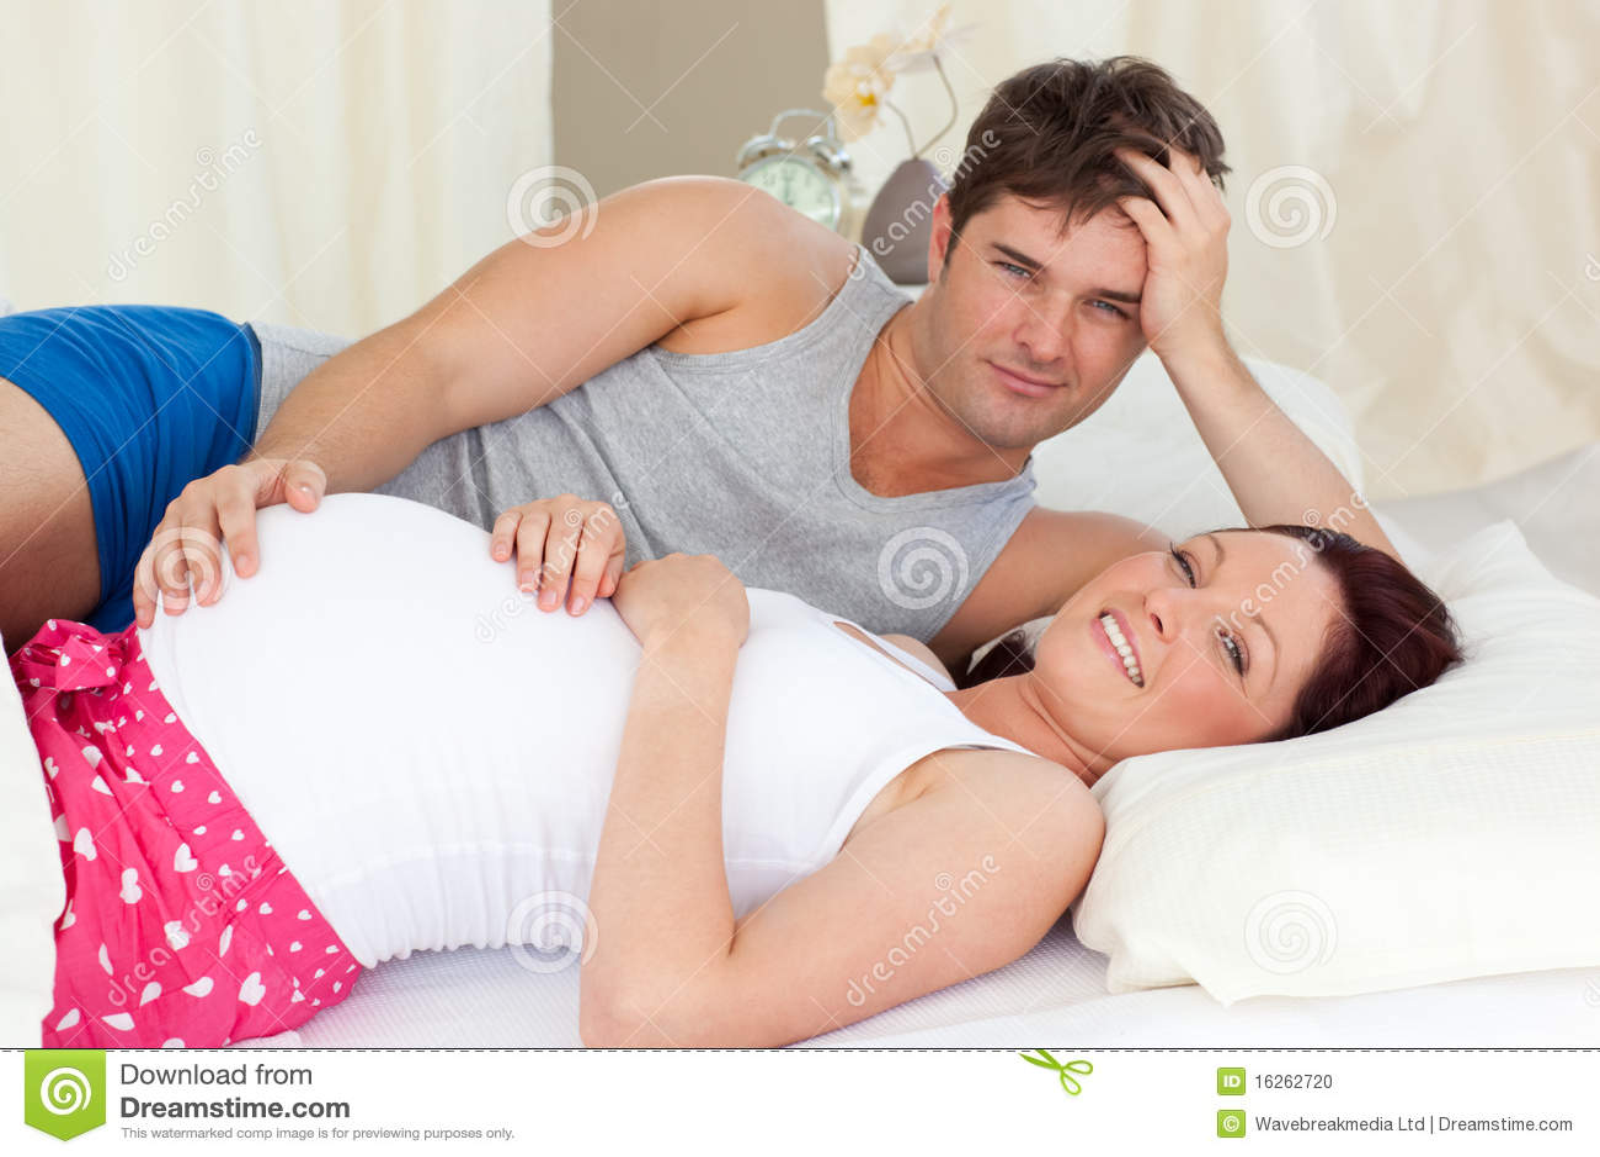 При лечении кольпита можно ли заниматься сексом 5 фотография